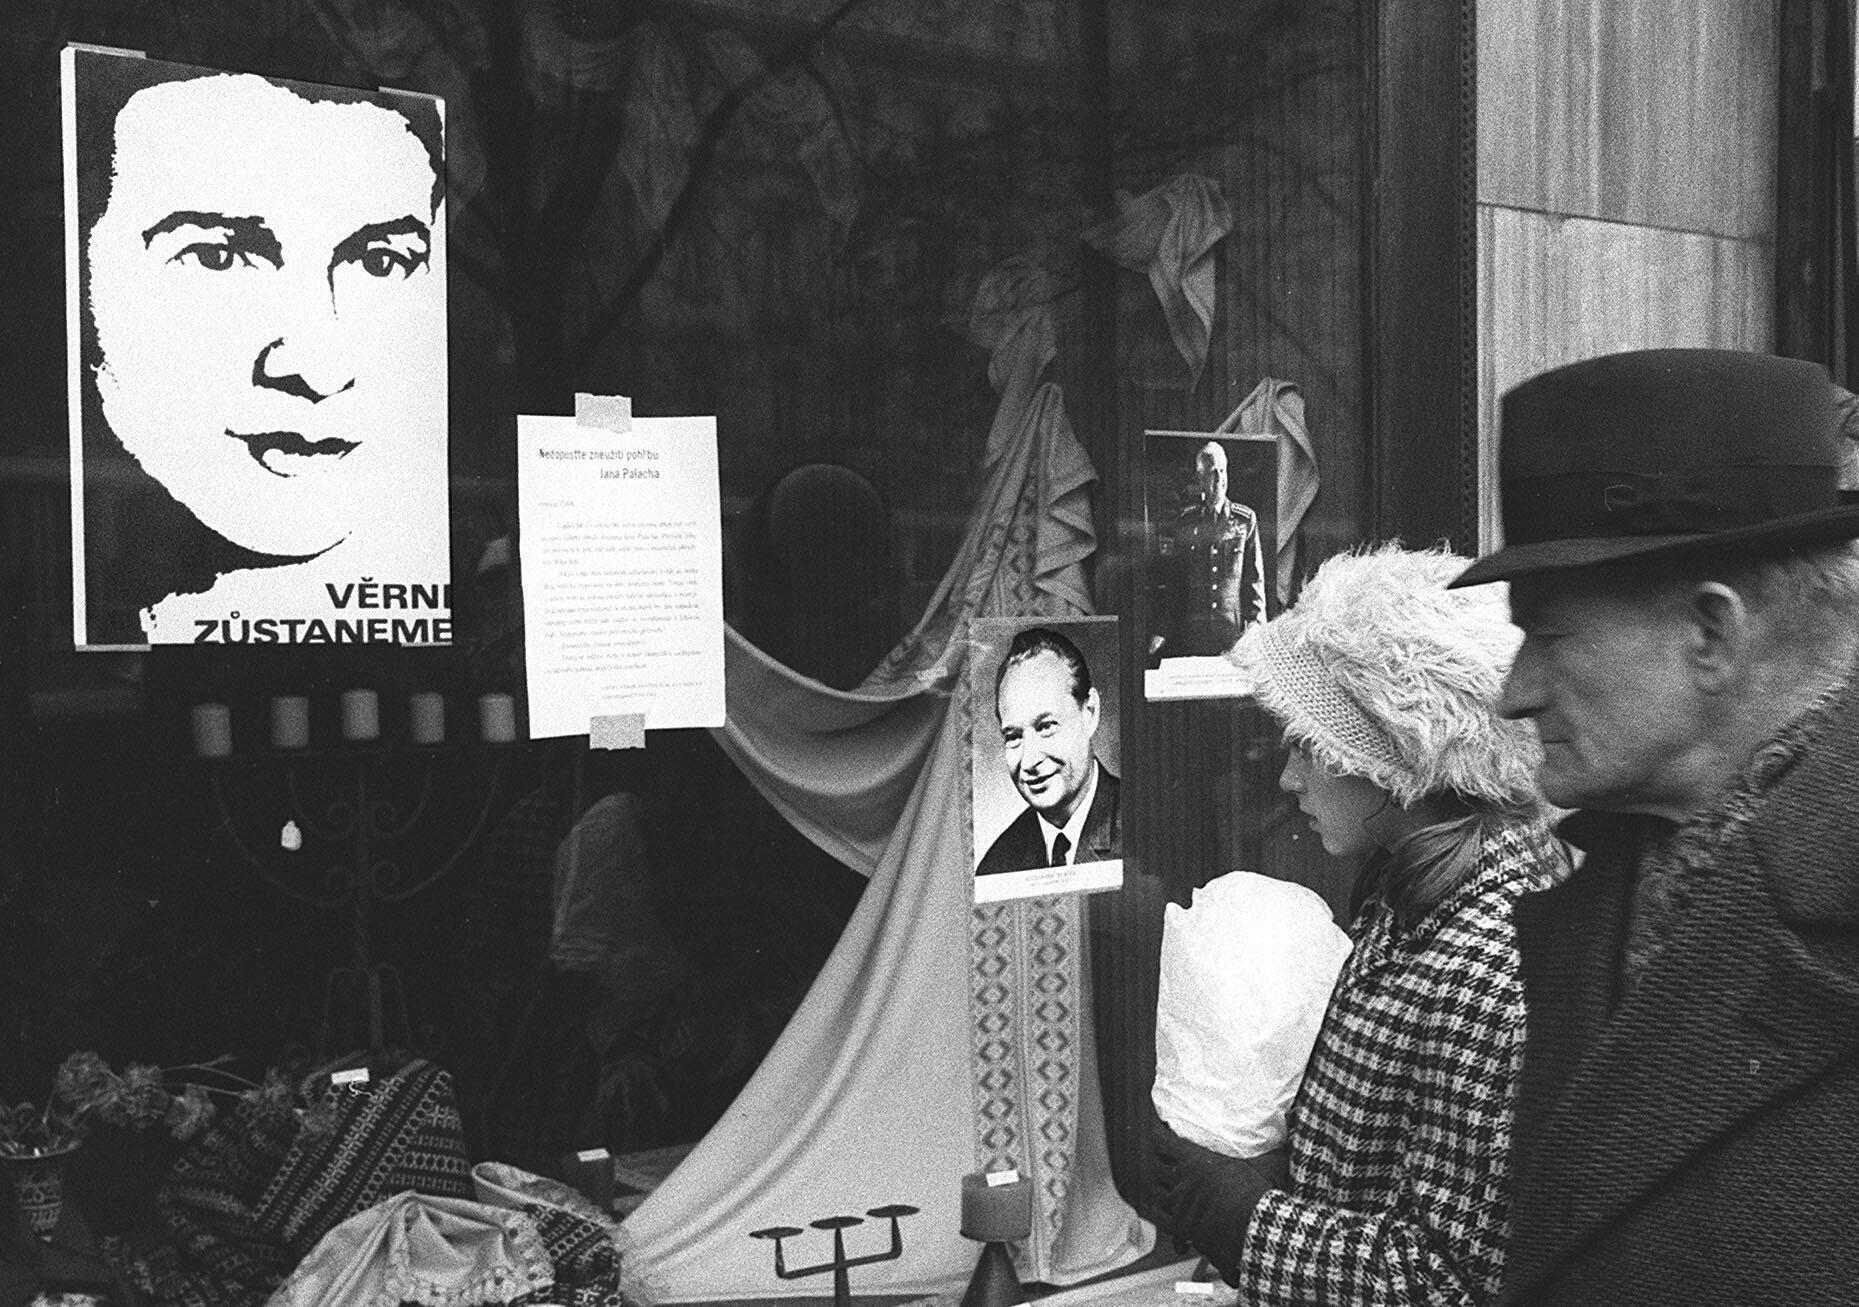 Le 24 janvier 1969, le peuple de la Tchécoslovaquie rend hommage à Jan Palach, sur la place Venceslav à Prague, le même lieu où le jeune étudiant tchèque s'est immolé par le feu le 16 janvier 1969.